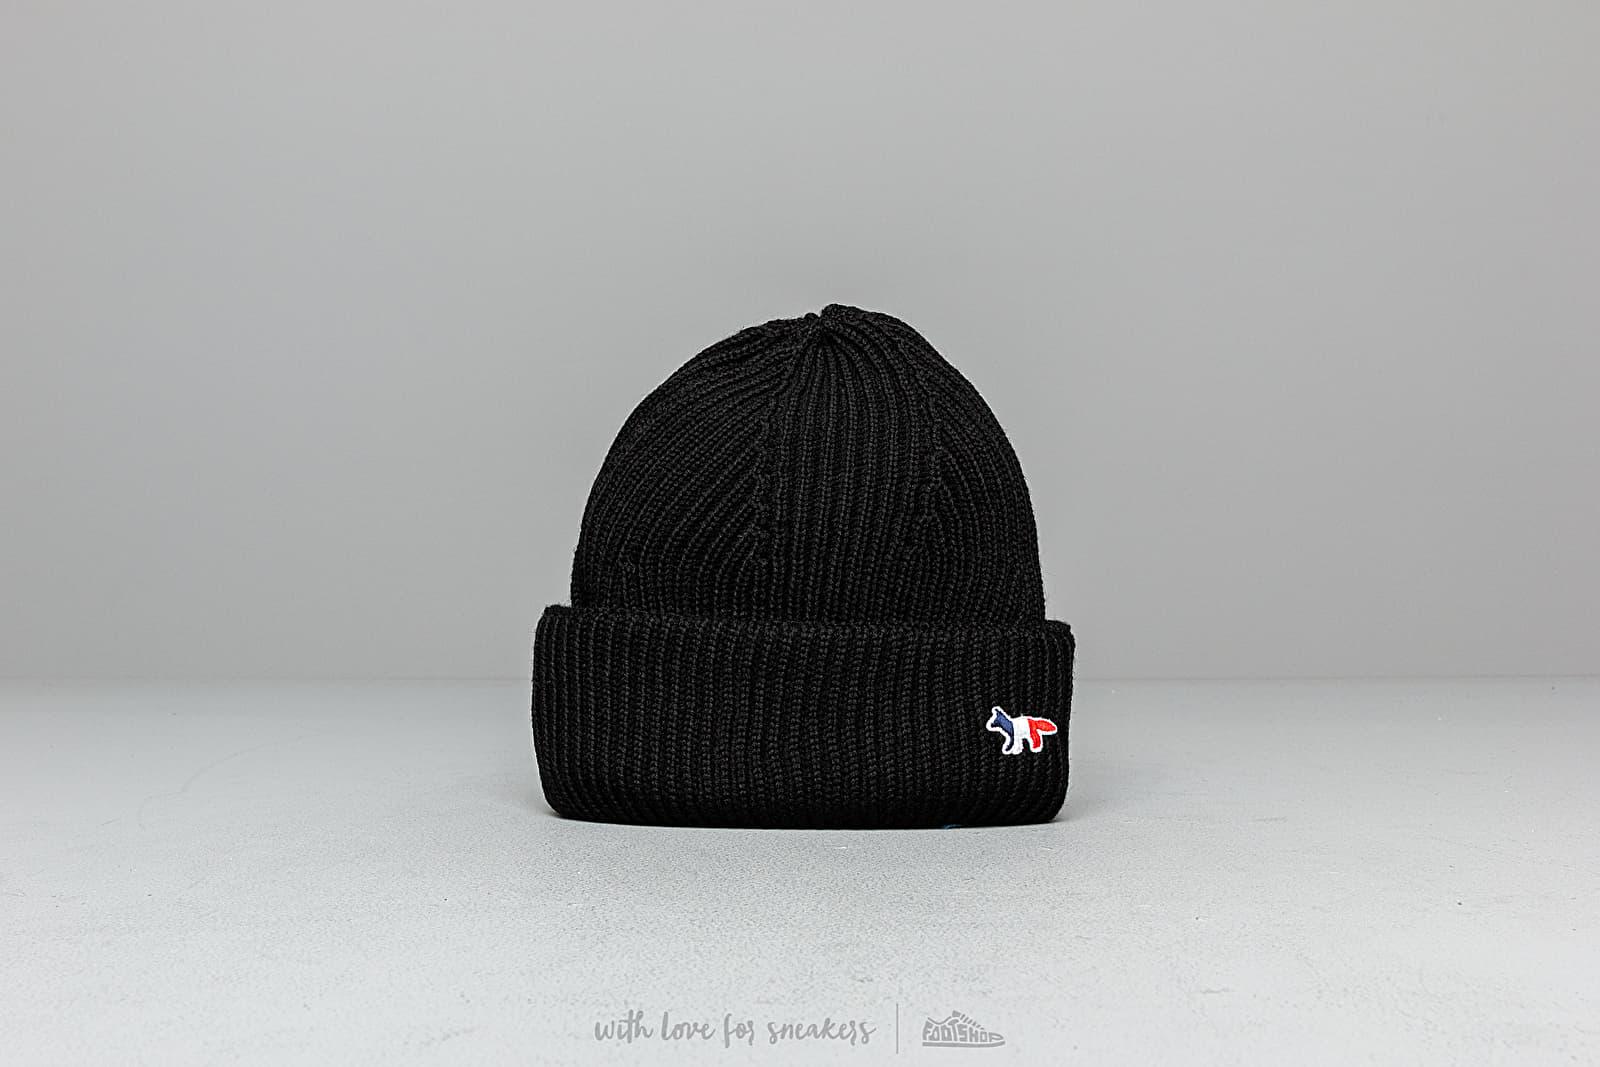 Čiapky MAISON KITSUNÉ Tricolor Fox Patch Ribbed Hat Black